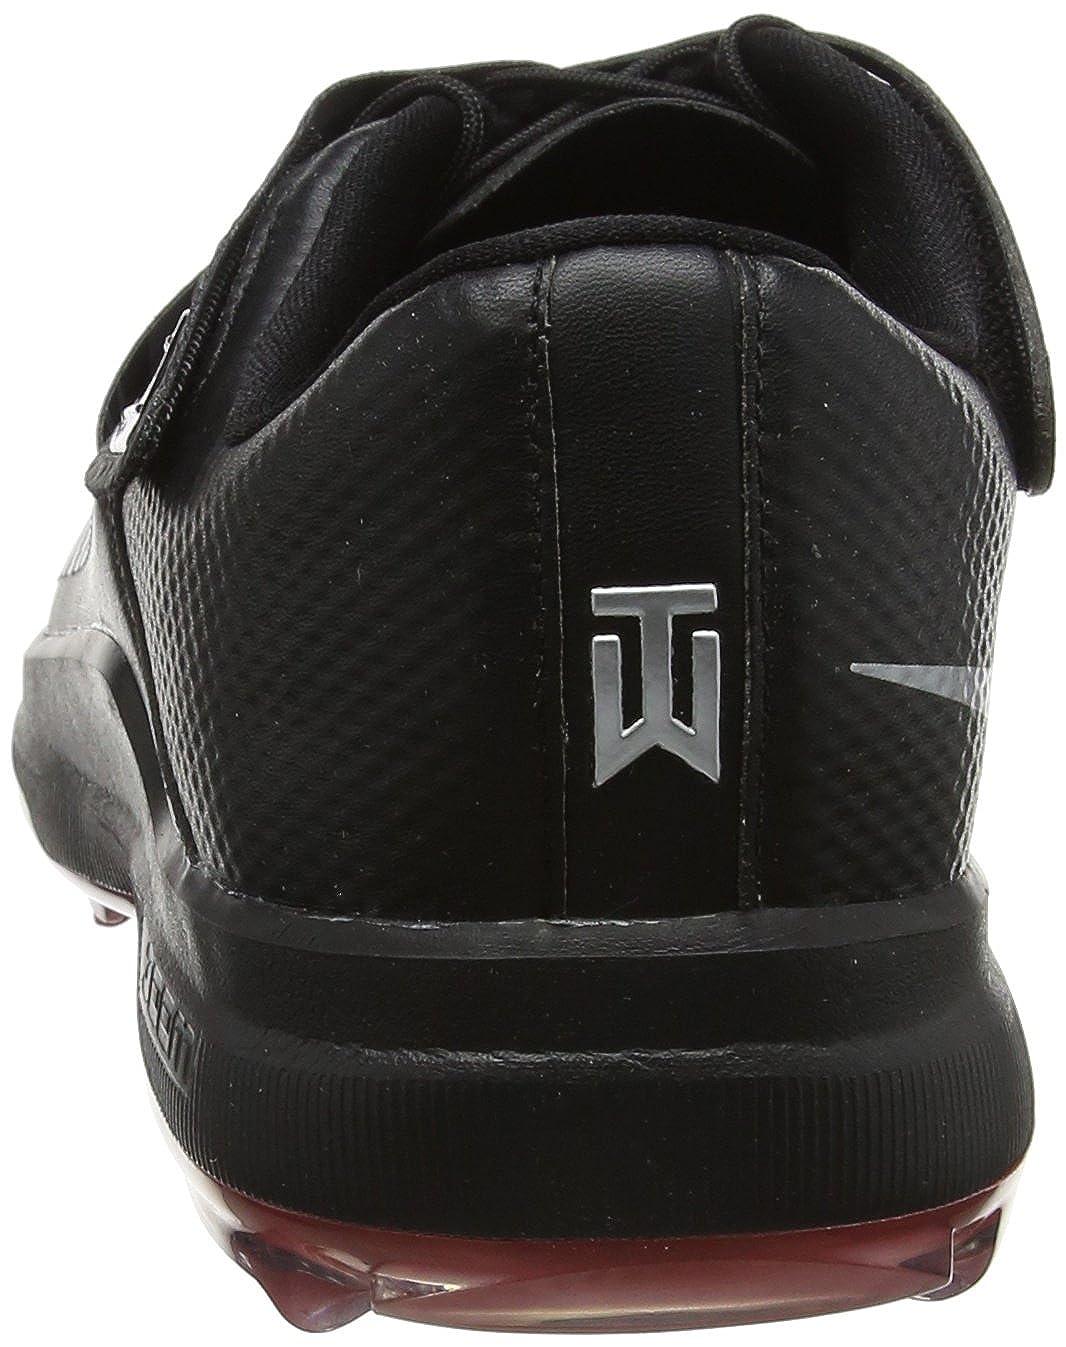 low priced f245c 8539c Nike TW 17, Zapatos de Golf para Hombre: Amazon.es: Zapatos y complementos